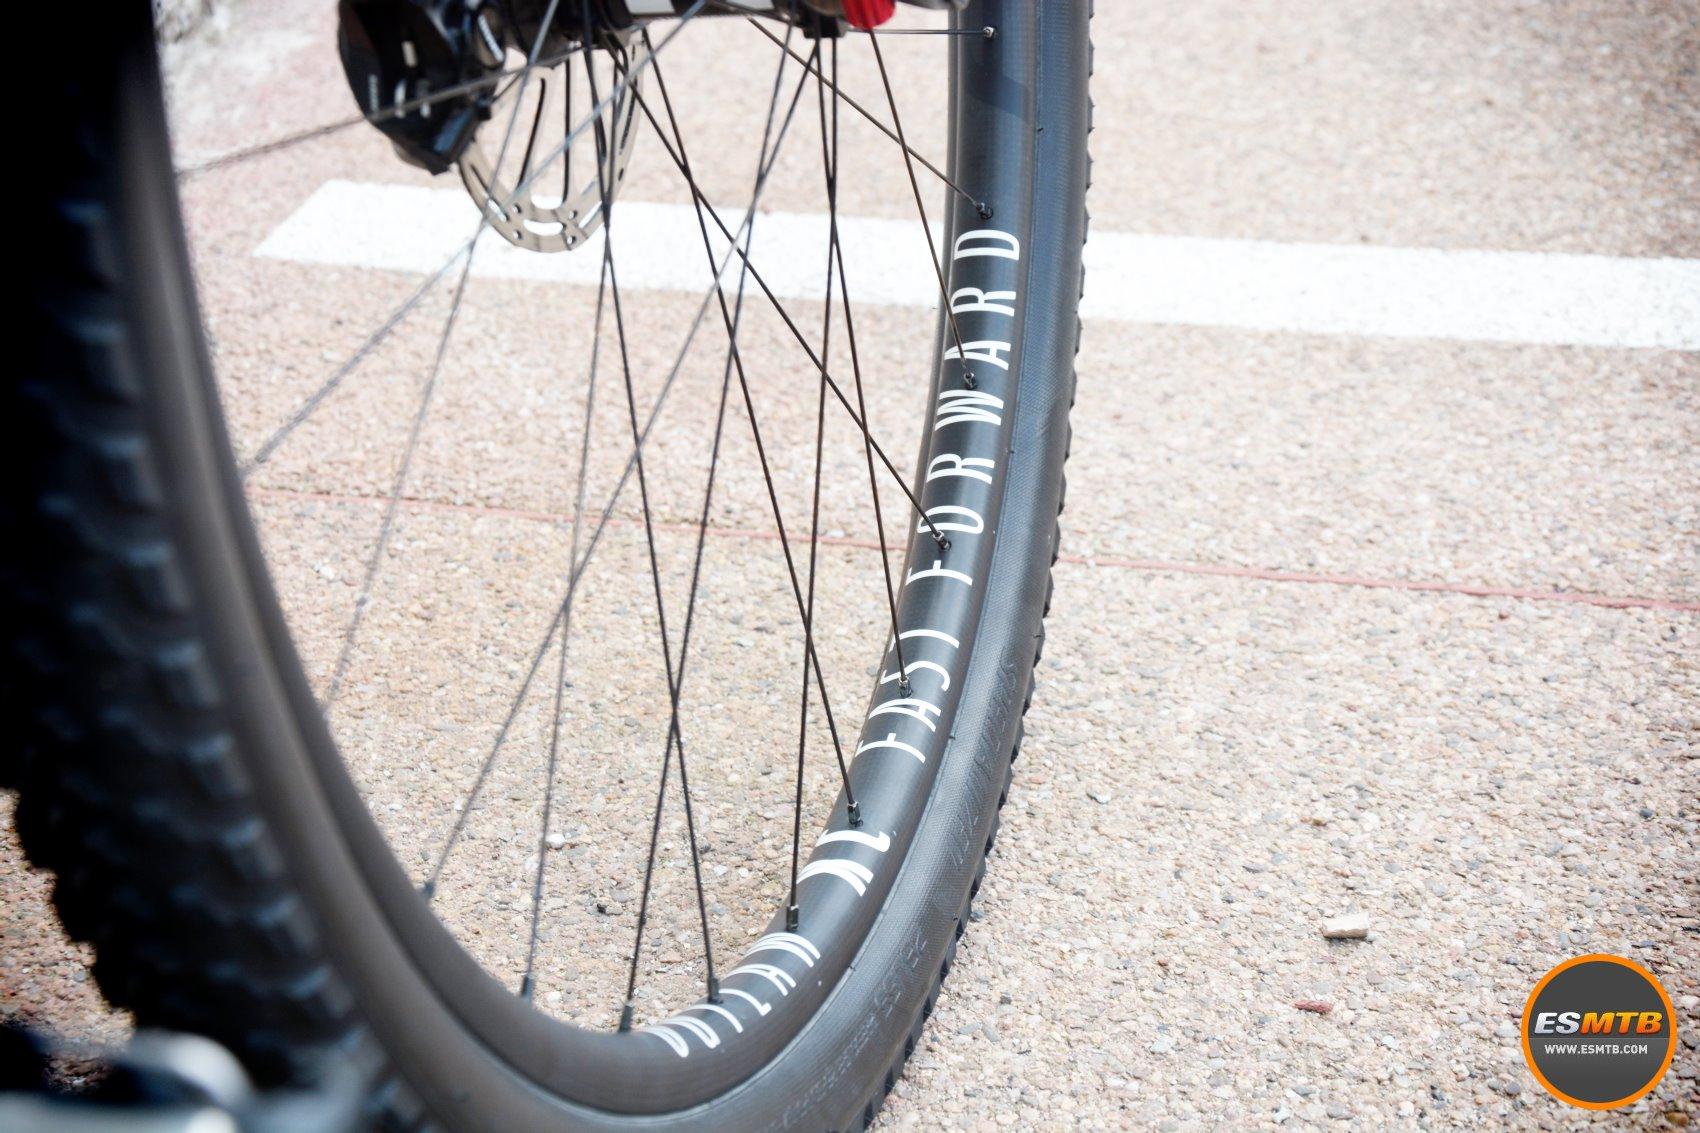 Llamativas las nuevas ruedas de MTB de Fast Forward. De carbono, anchas y buenos acabados.